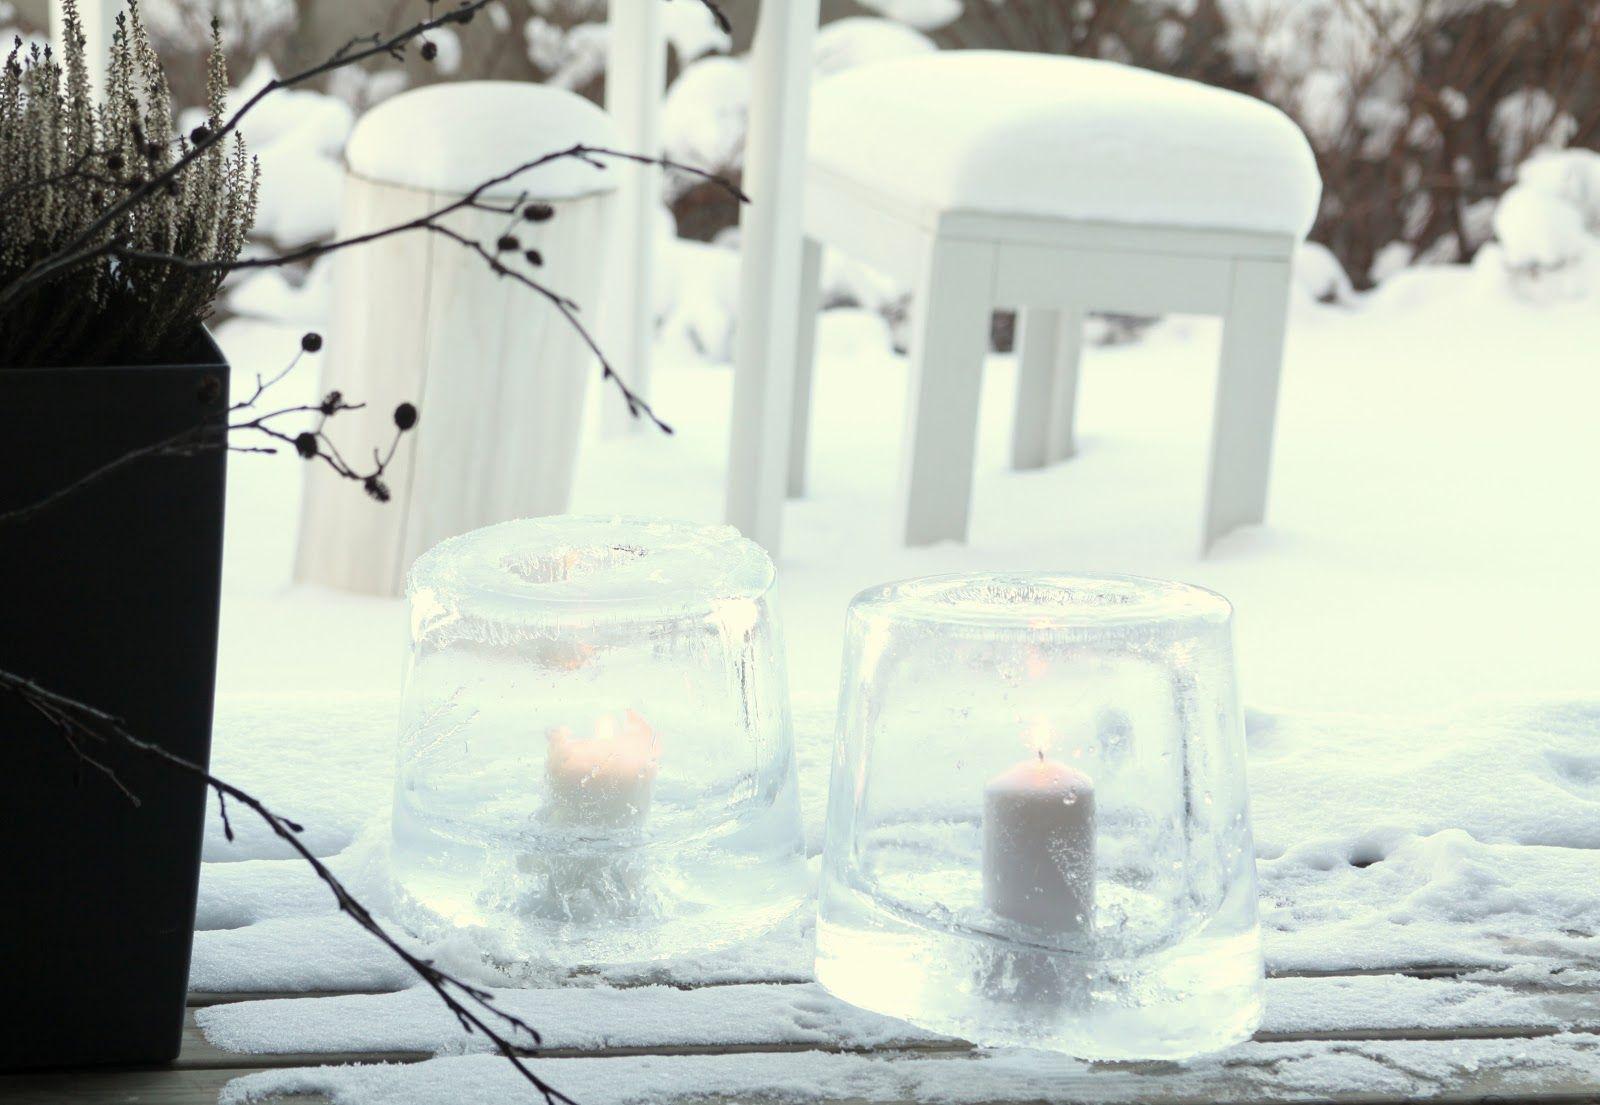 muotoseikka\ Jäälyhdyt ja huurteinen piha / Frosty beauty